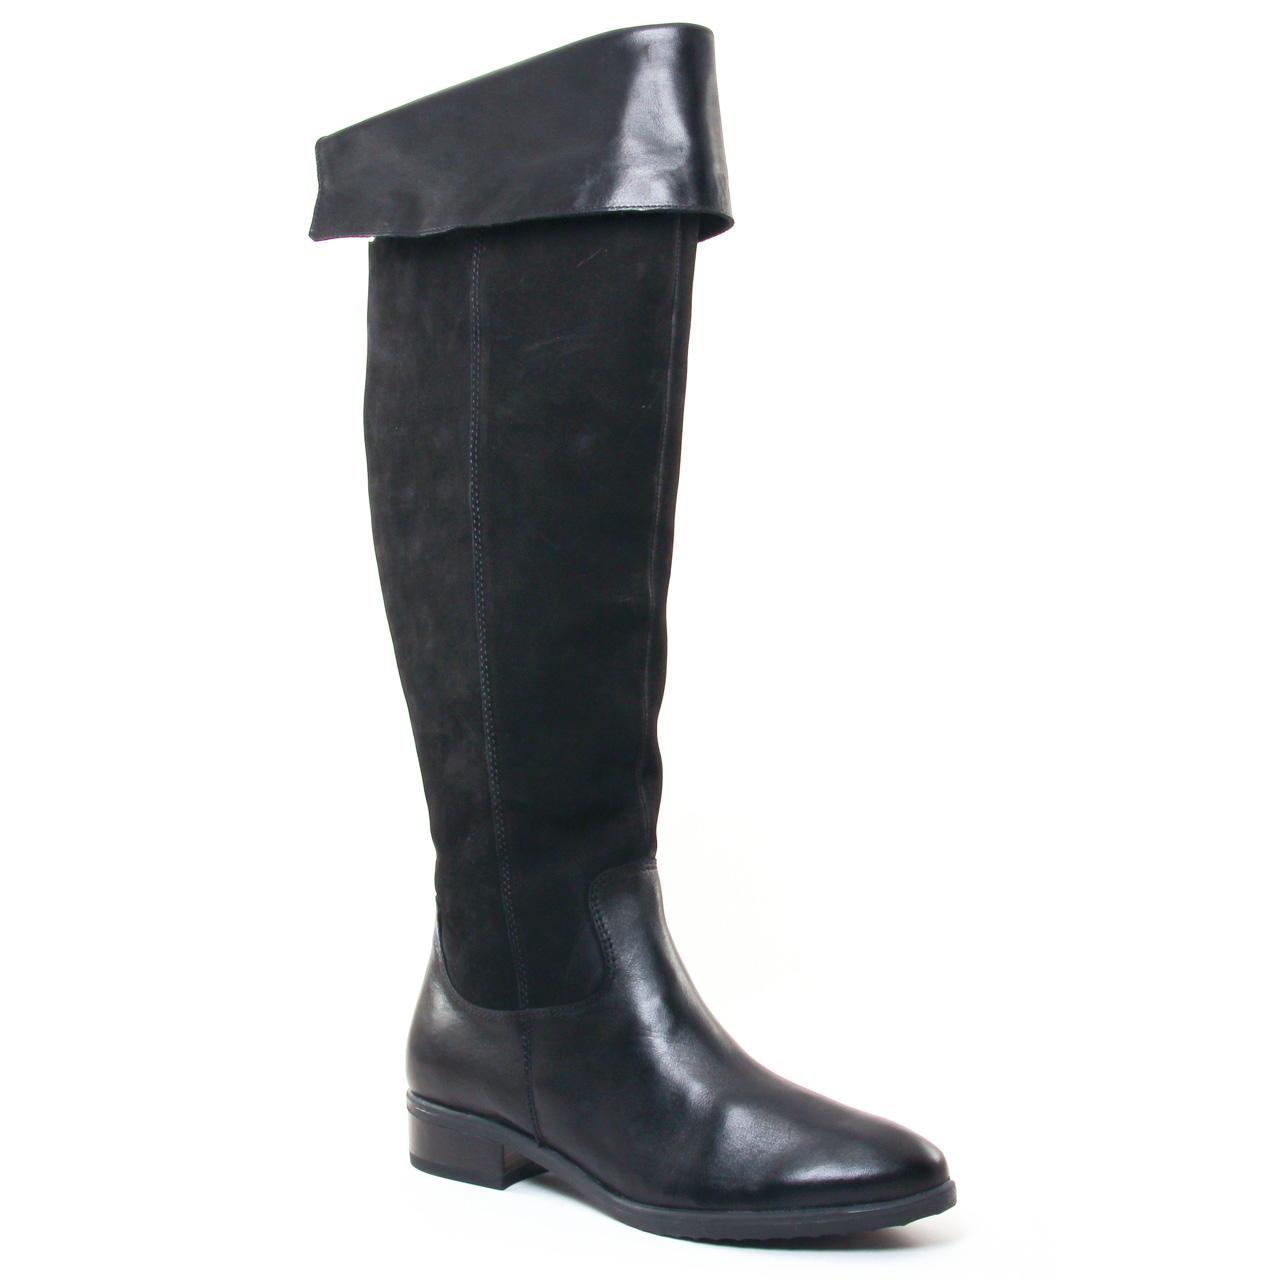 caprice 25601 black botte cuissardes noir automne hiver chez trois par 3. Black Bedroom Furniture Sets. Home Design Ideas